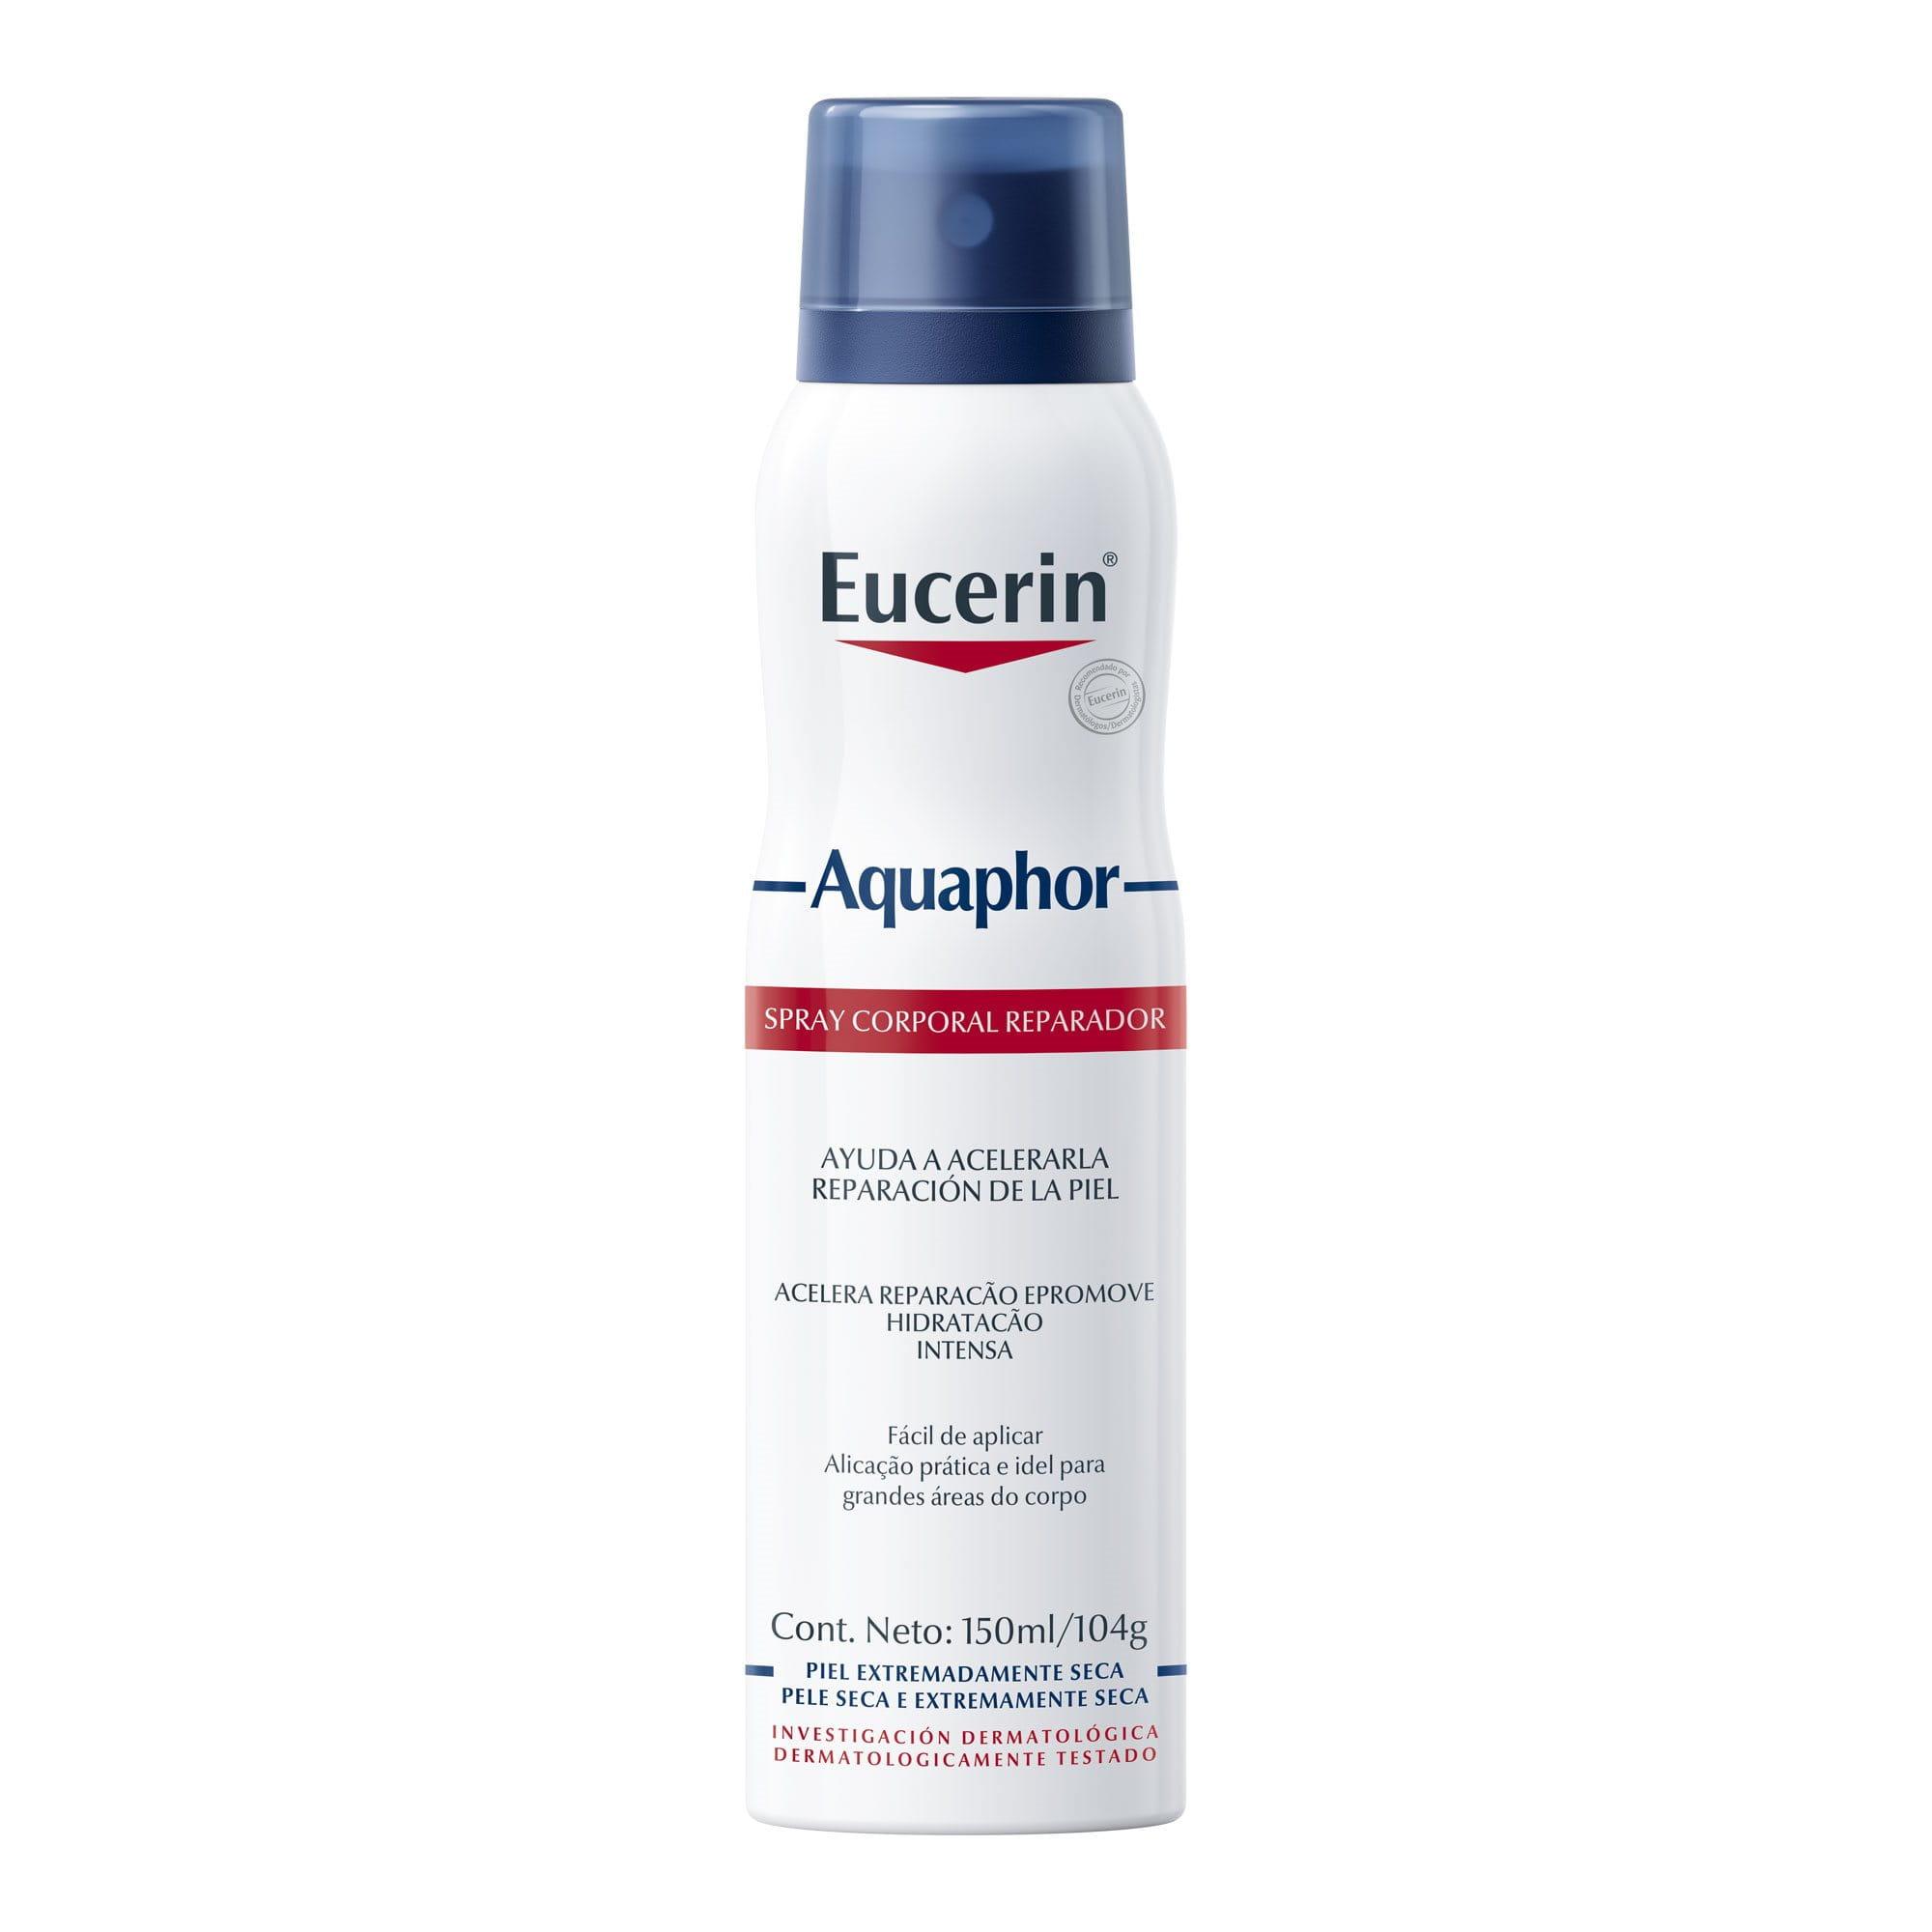 Eucerin Aquaphor Spray Corporal Reparador